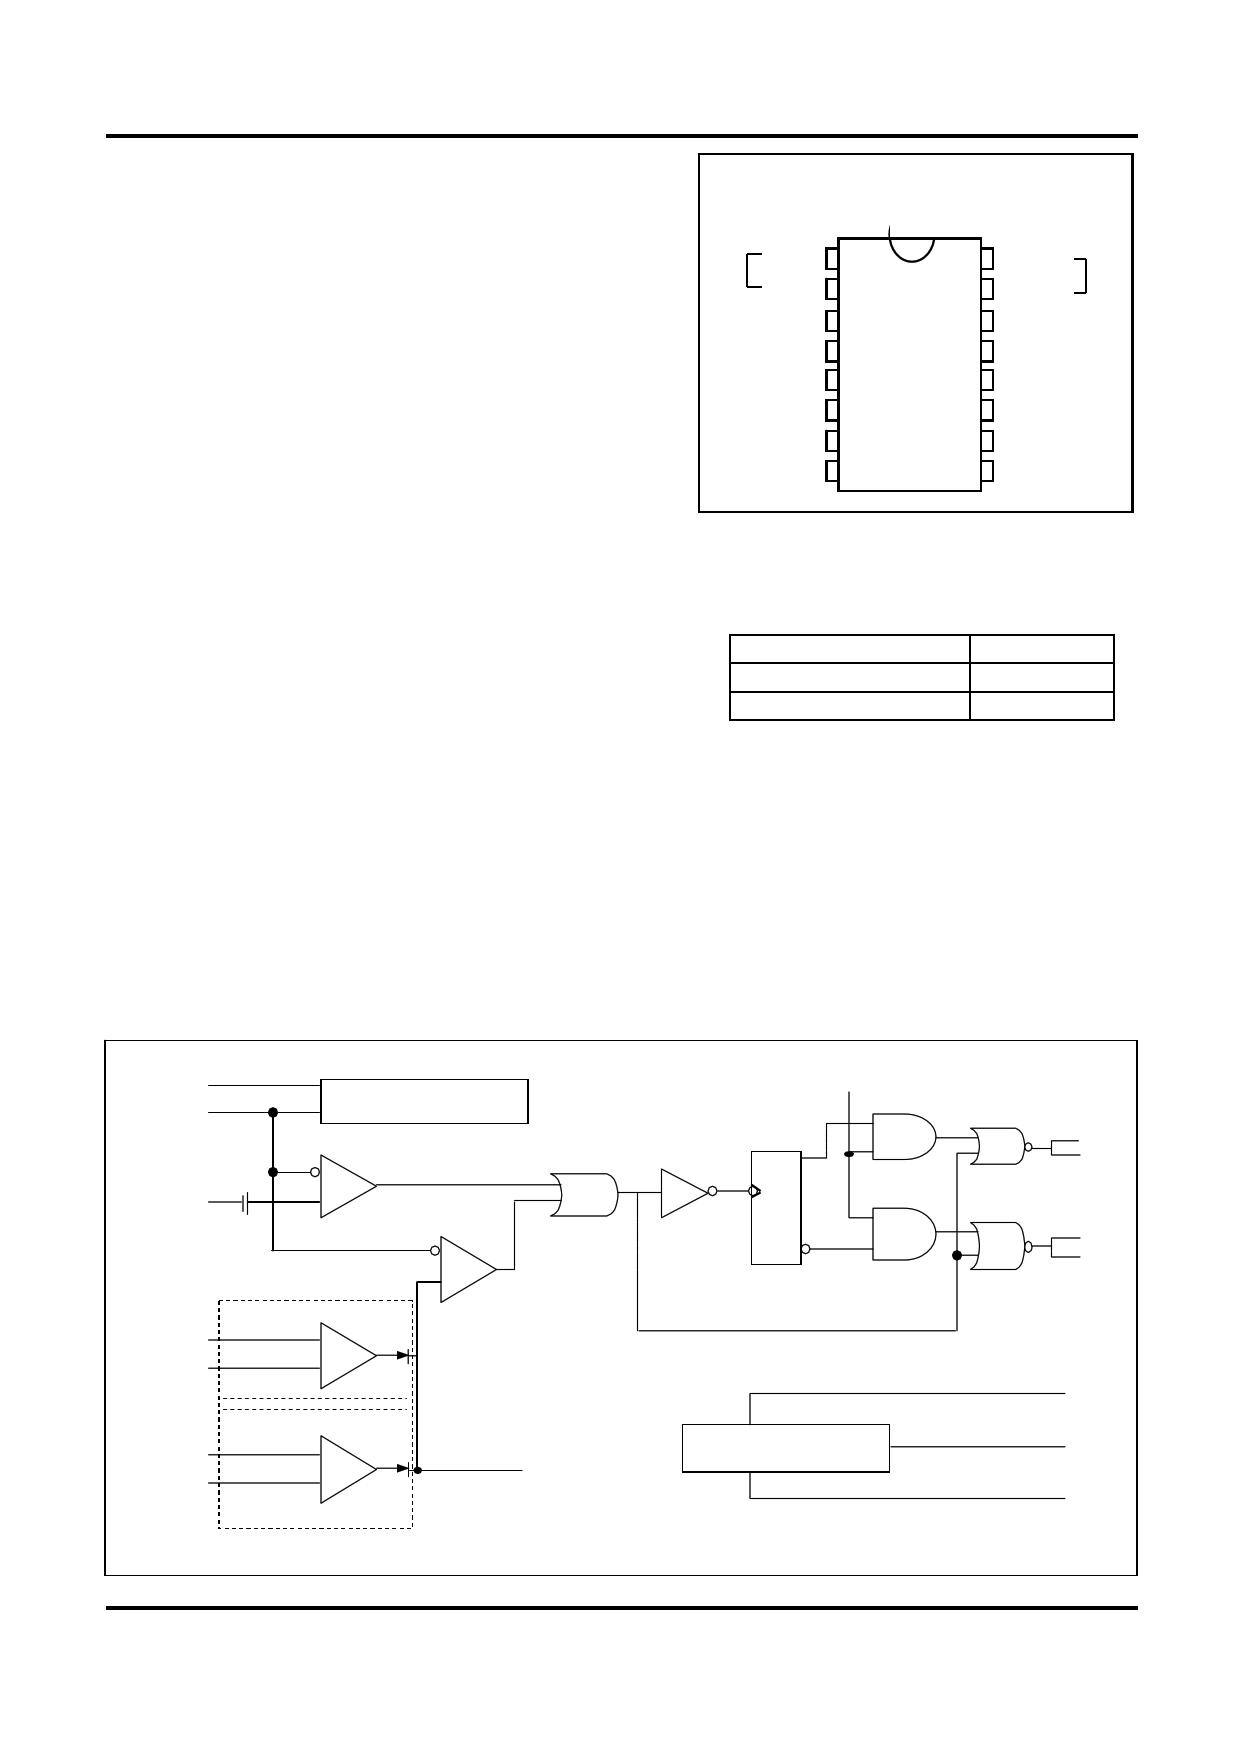 TL494N datasheet, circuit